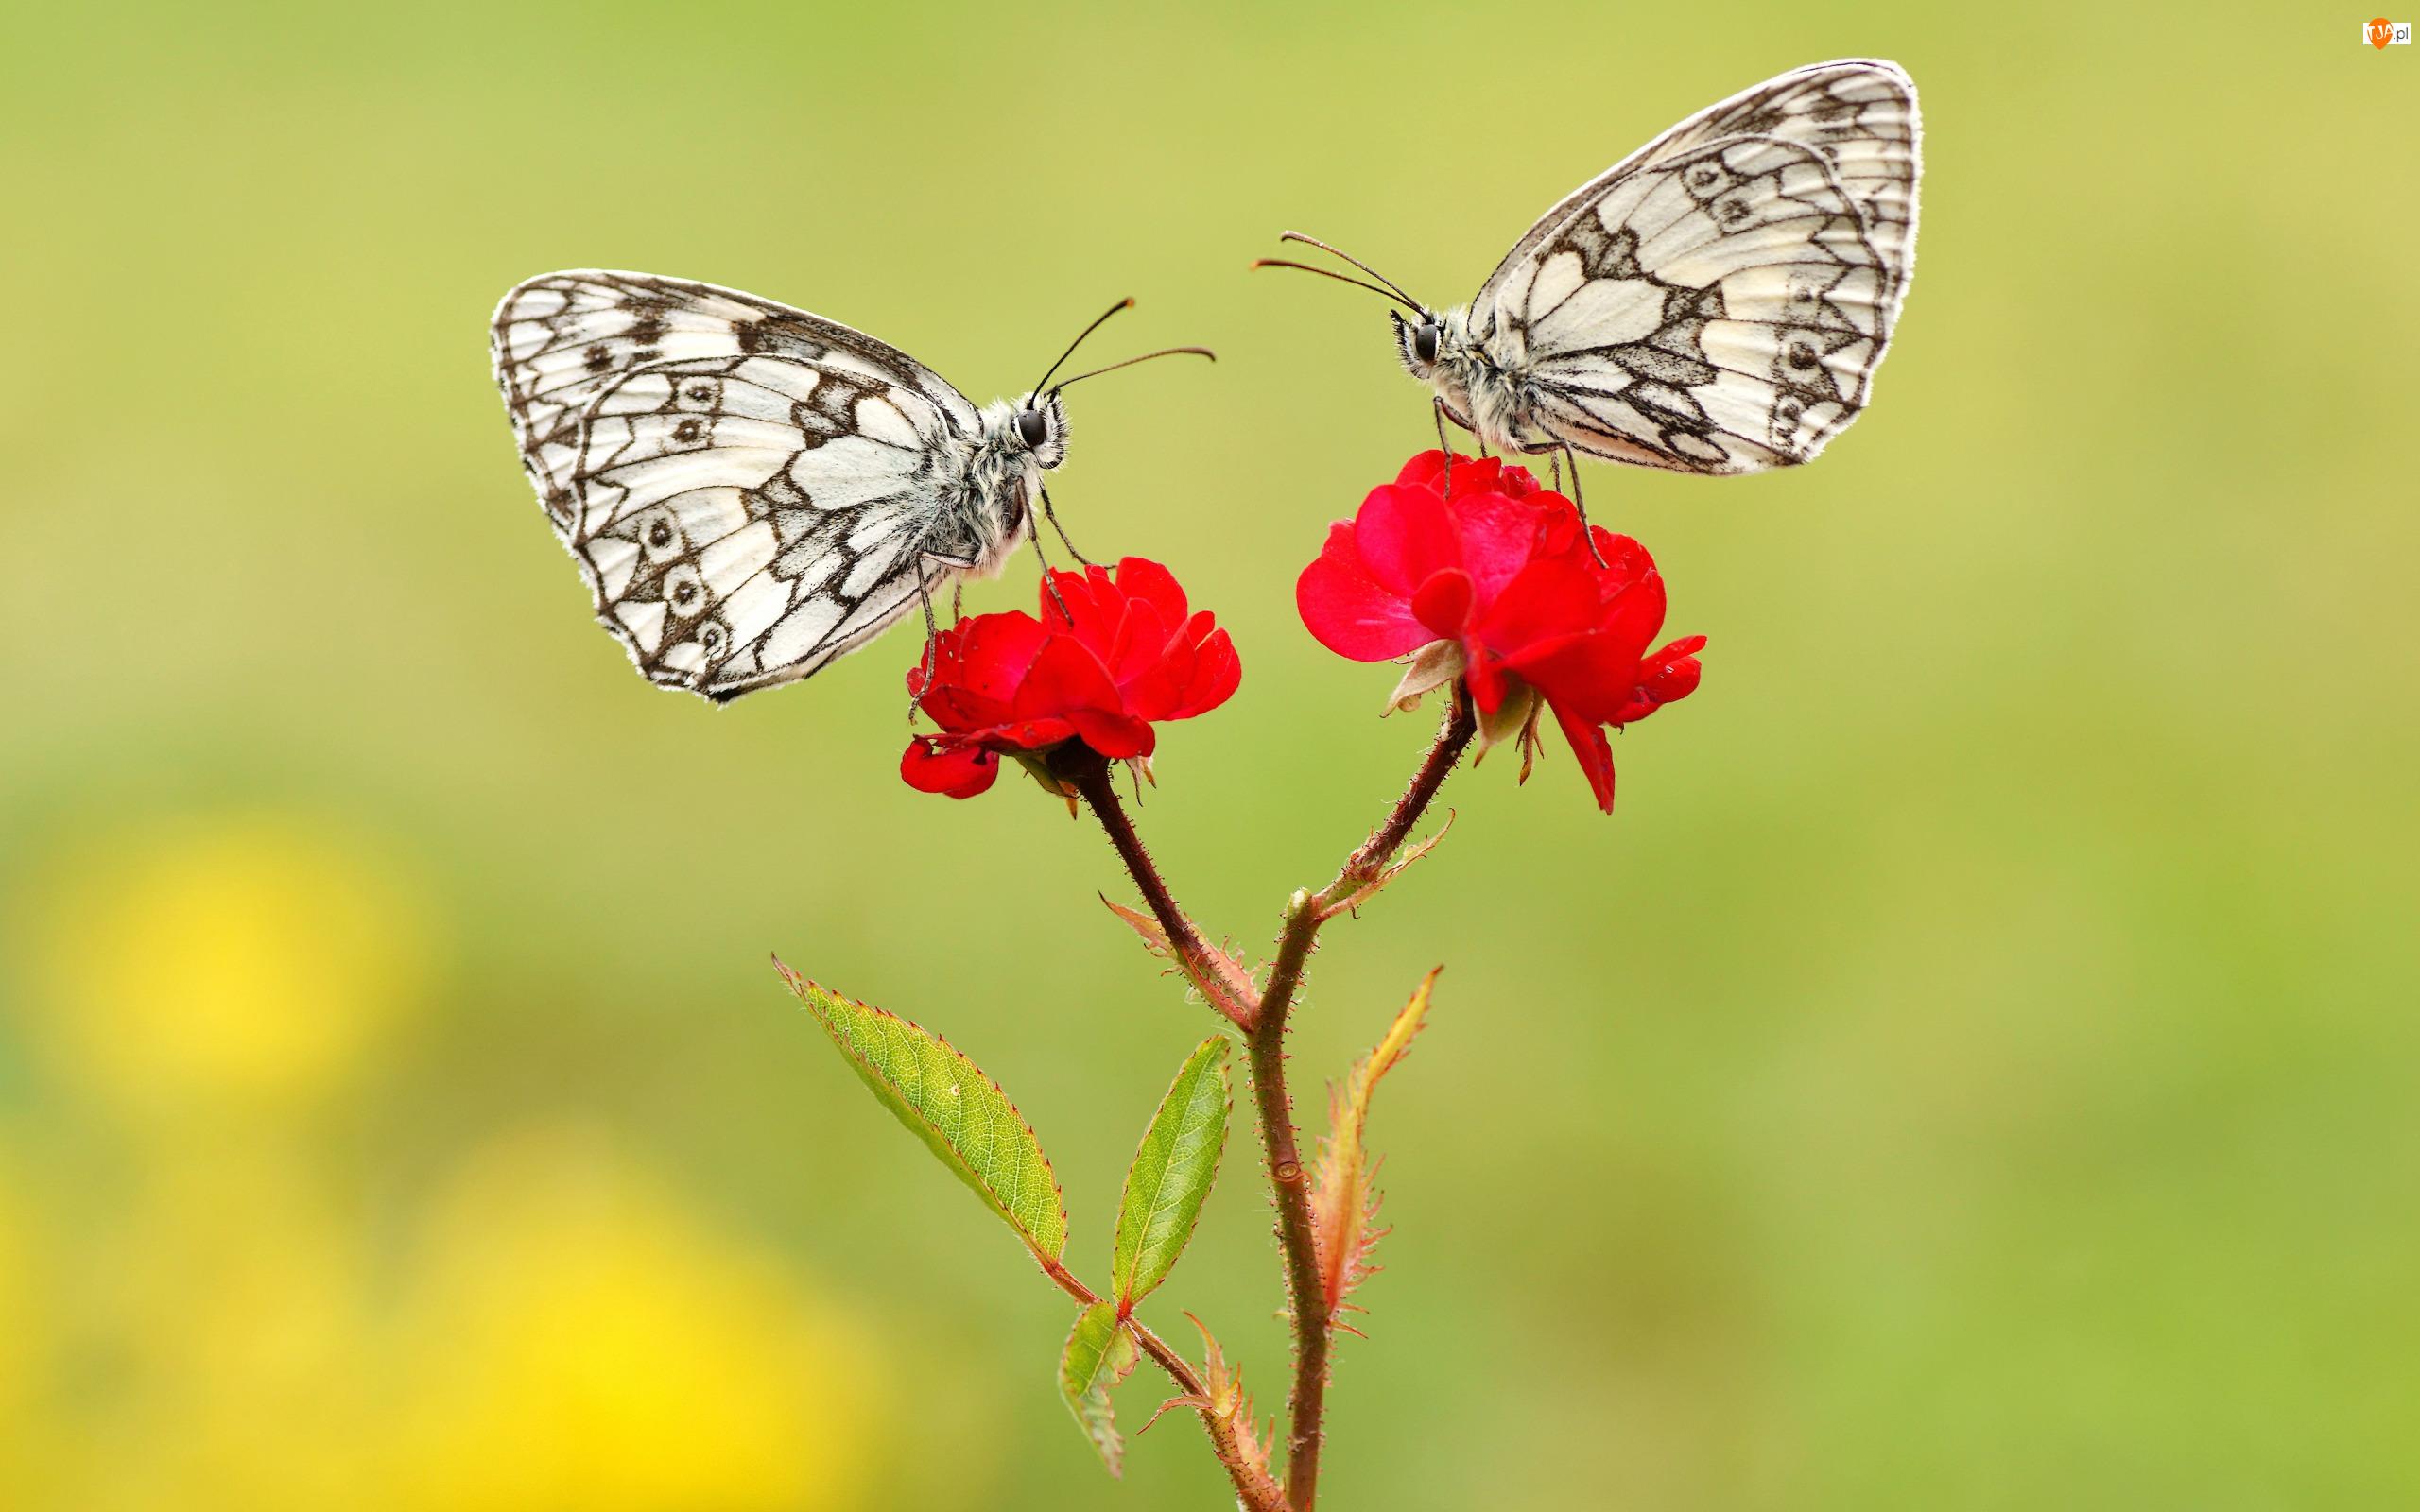 Motyle, Dwa, Czerwone, Róże, Polowiec szachownica, Kwiaty